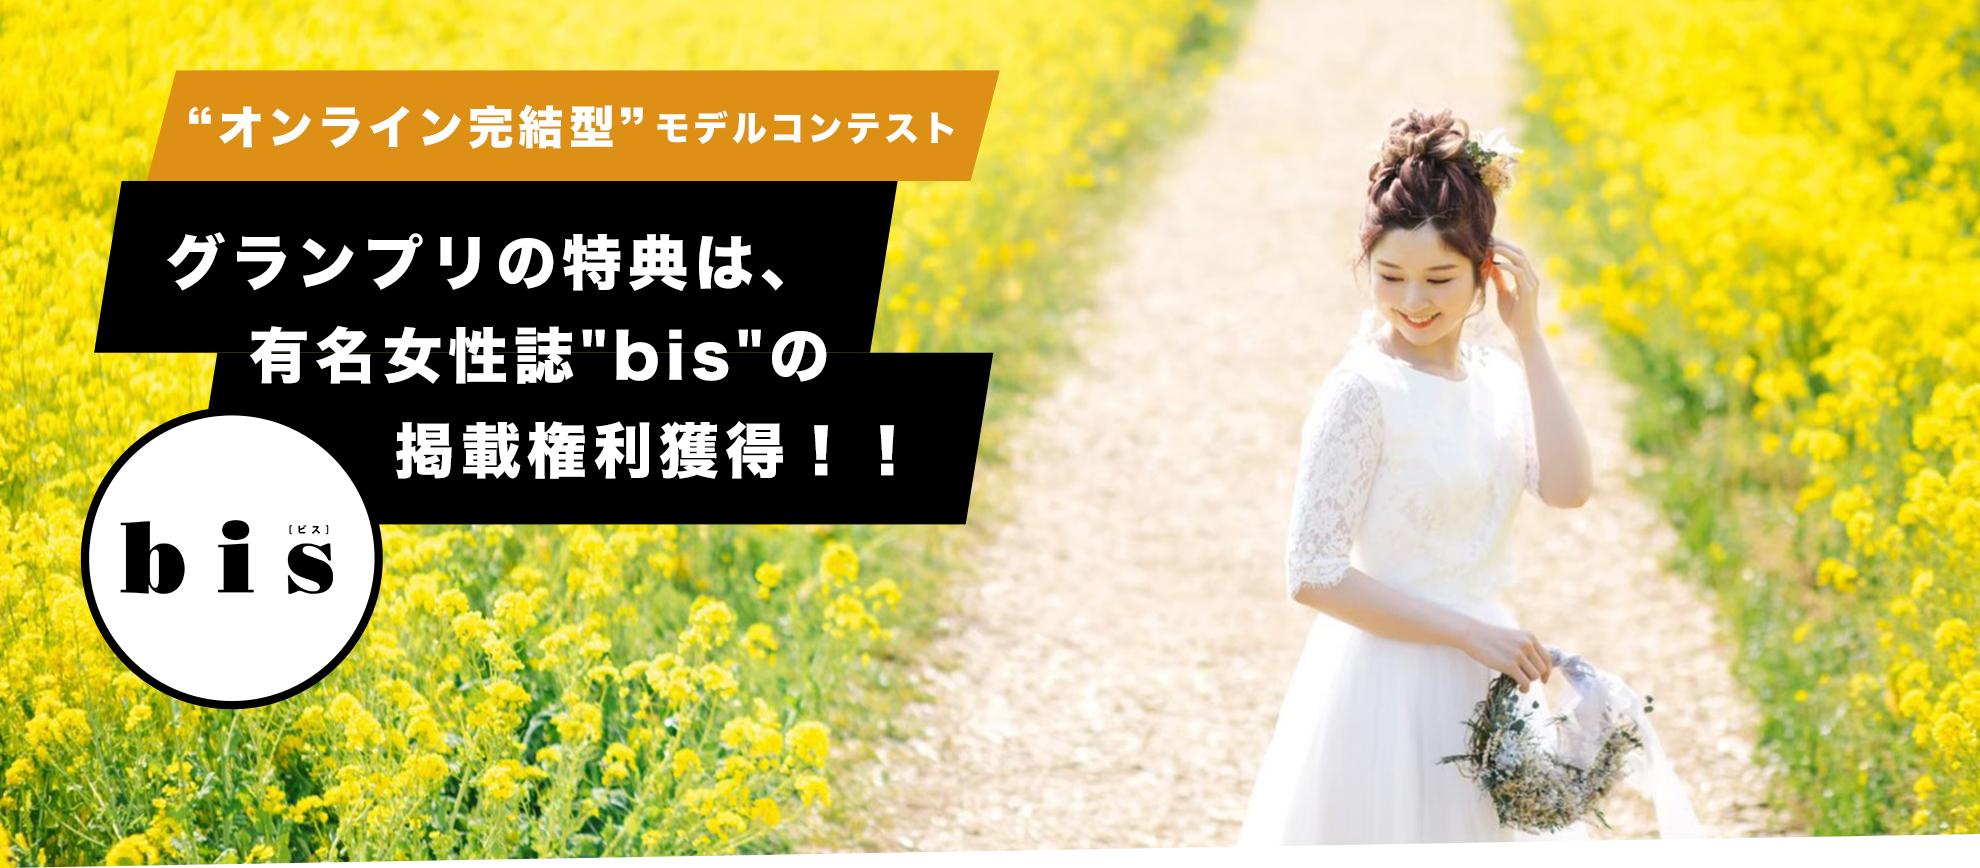 MISS OF LIVER(ミスオブライバー)西日本メイン画像